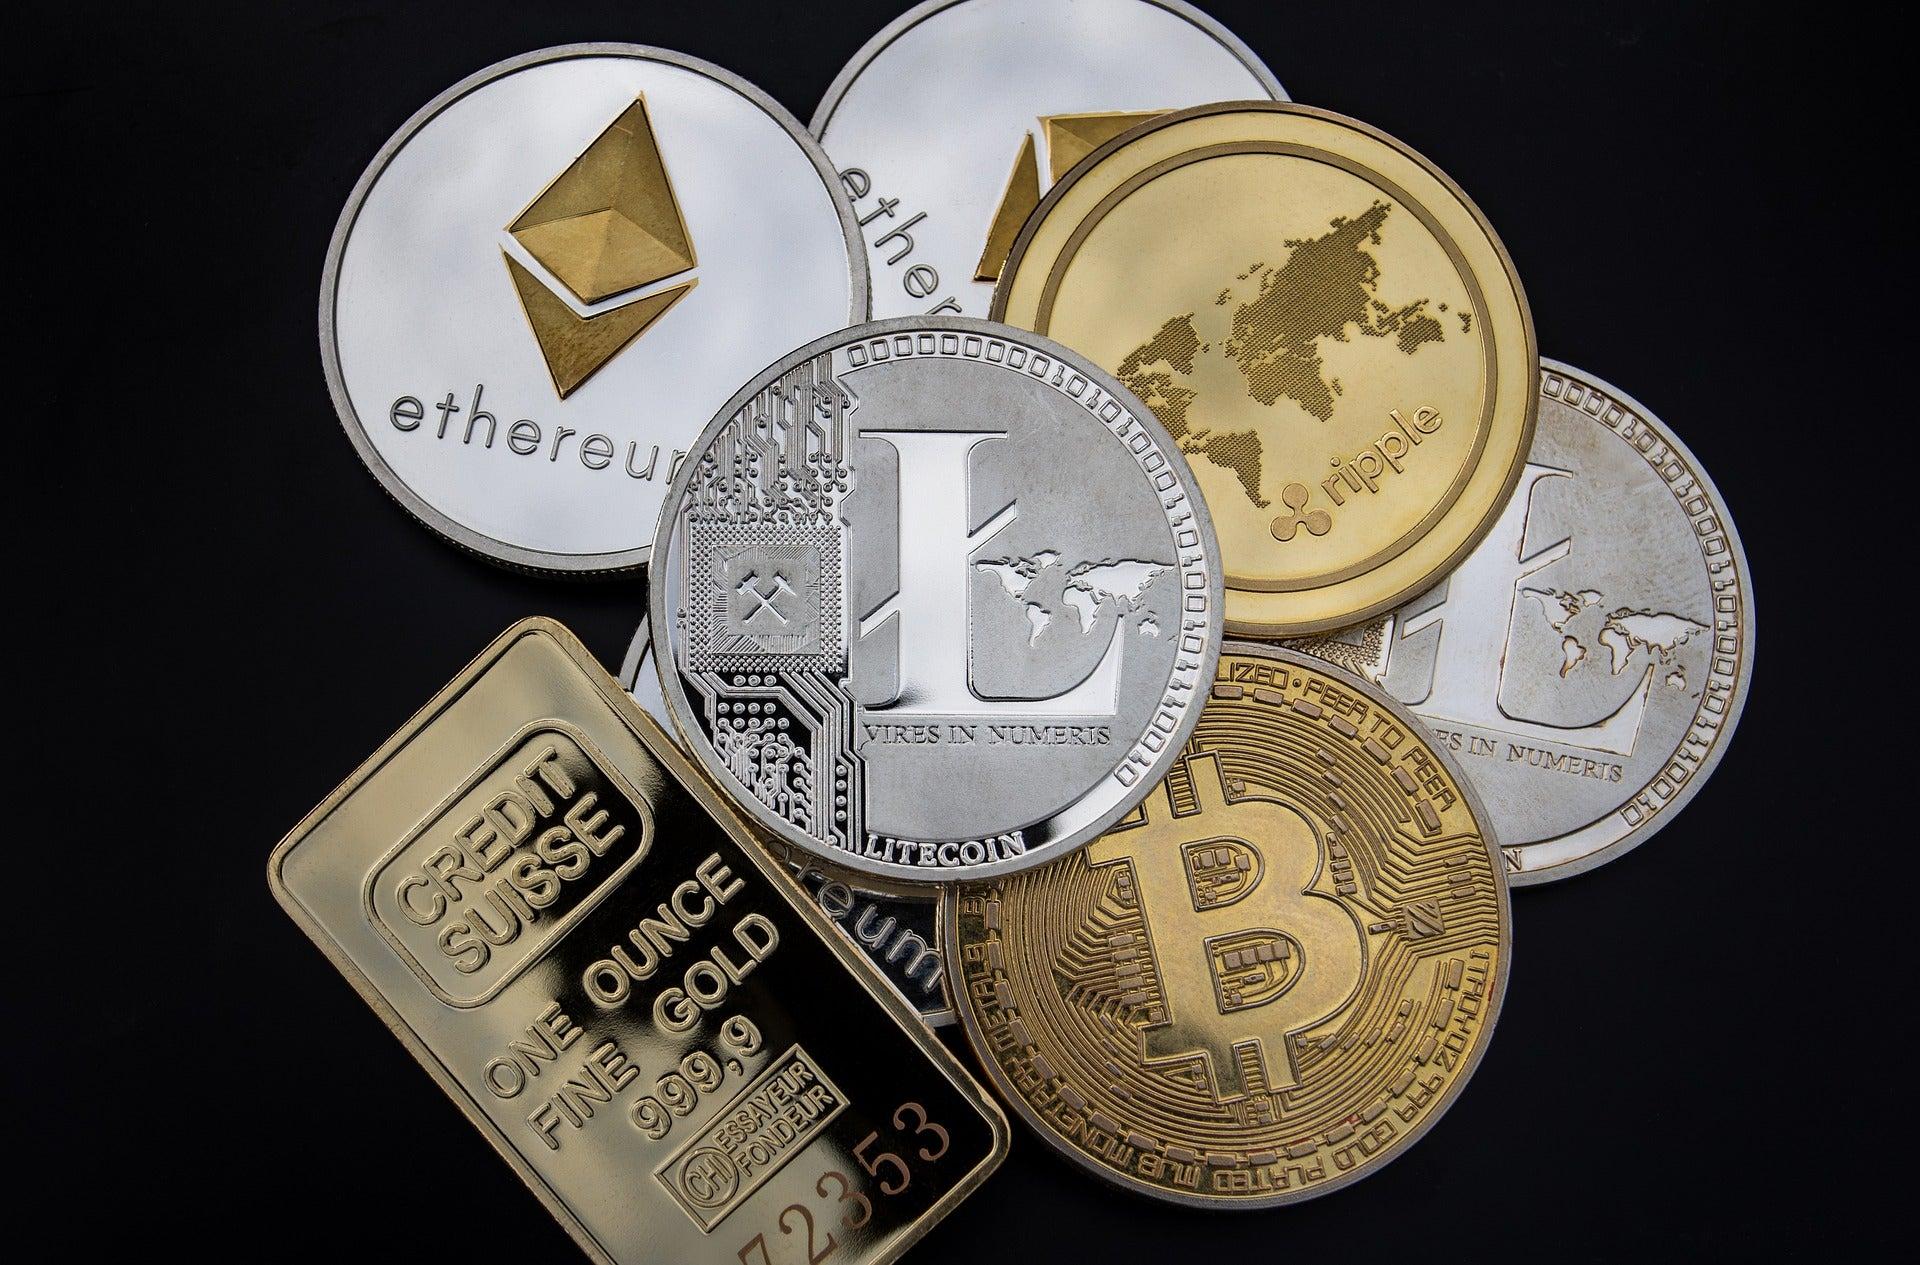 Hat merril edge bitcoin-investitionen getätigt?